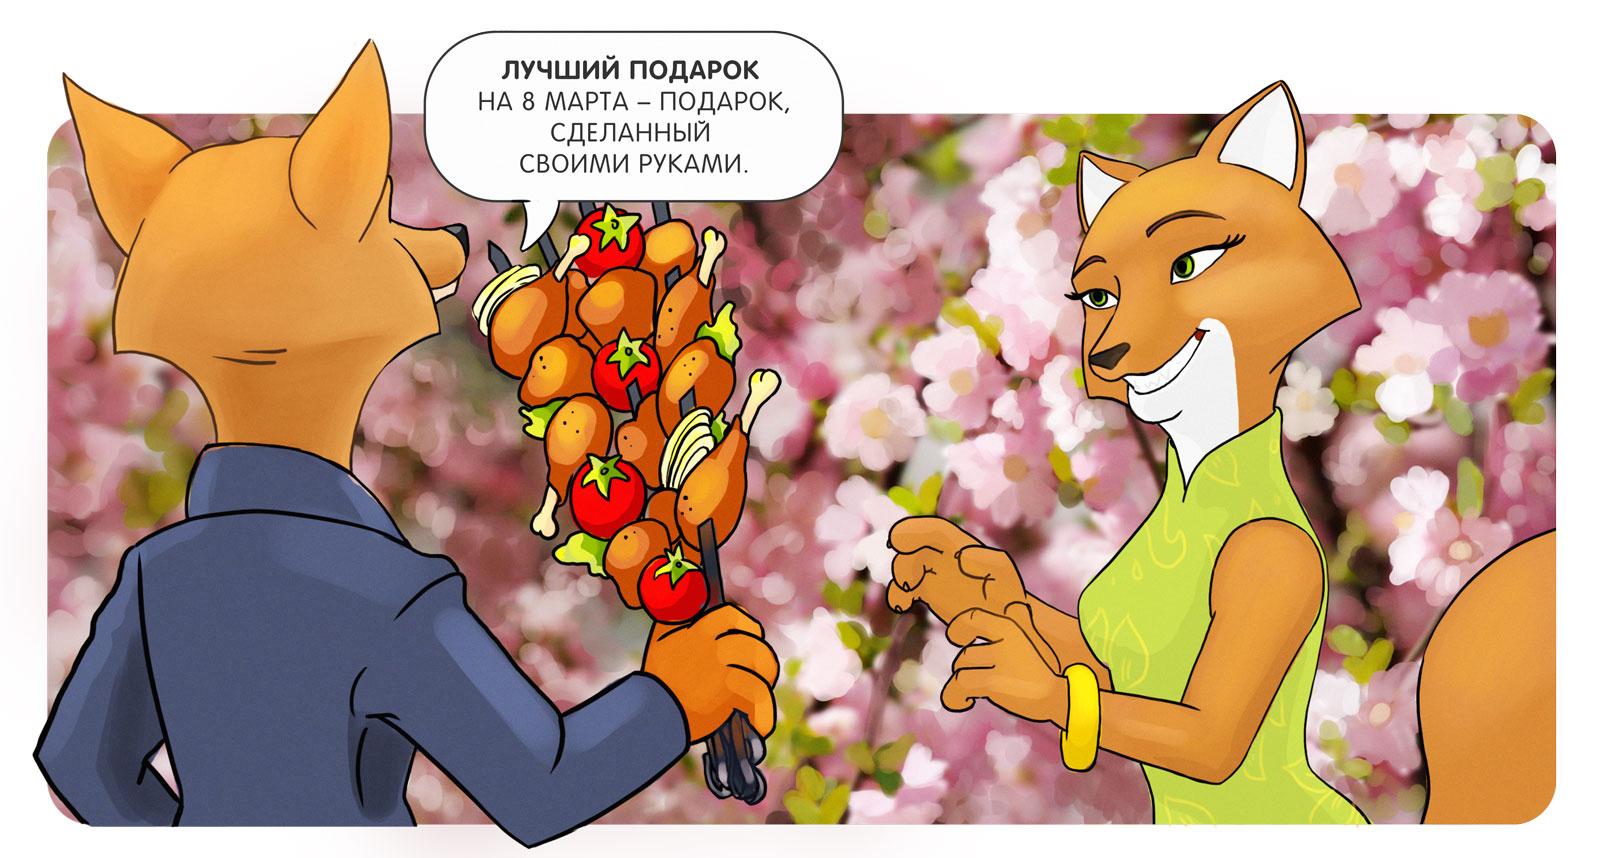 3_march_Troekurovo_smartians